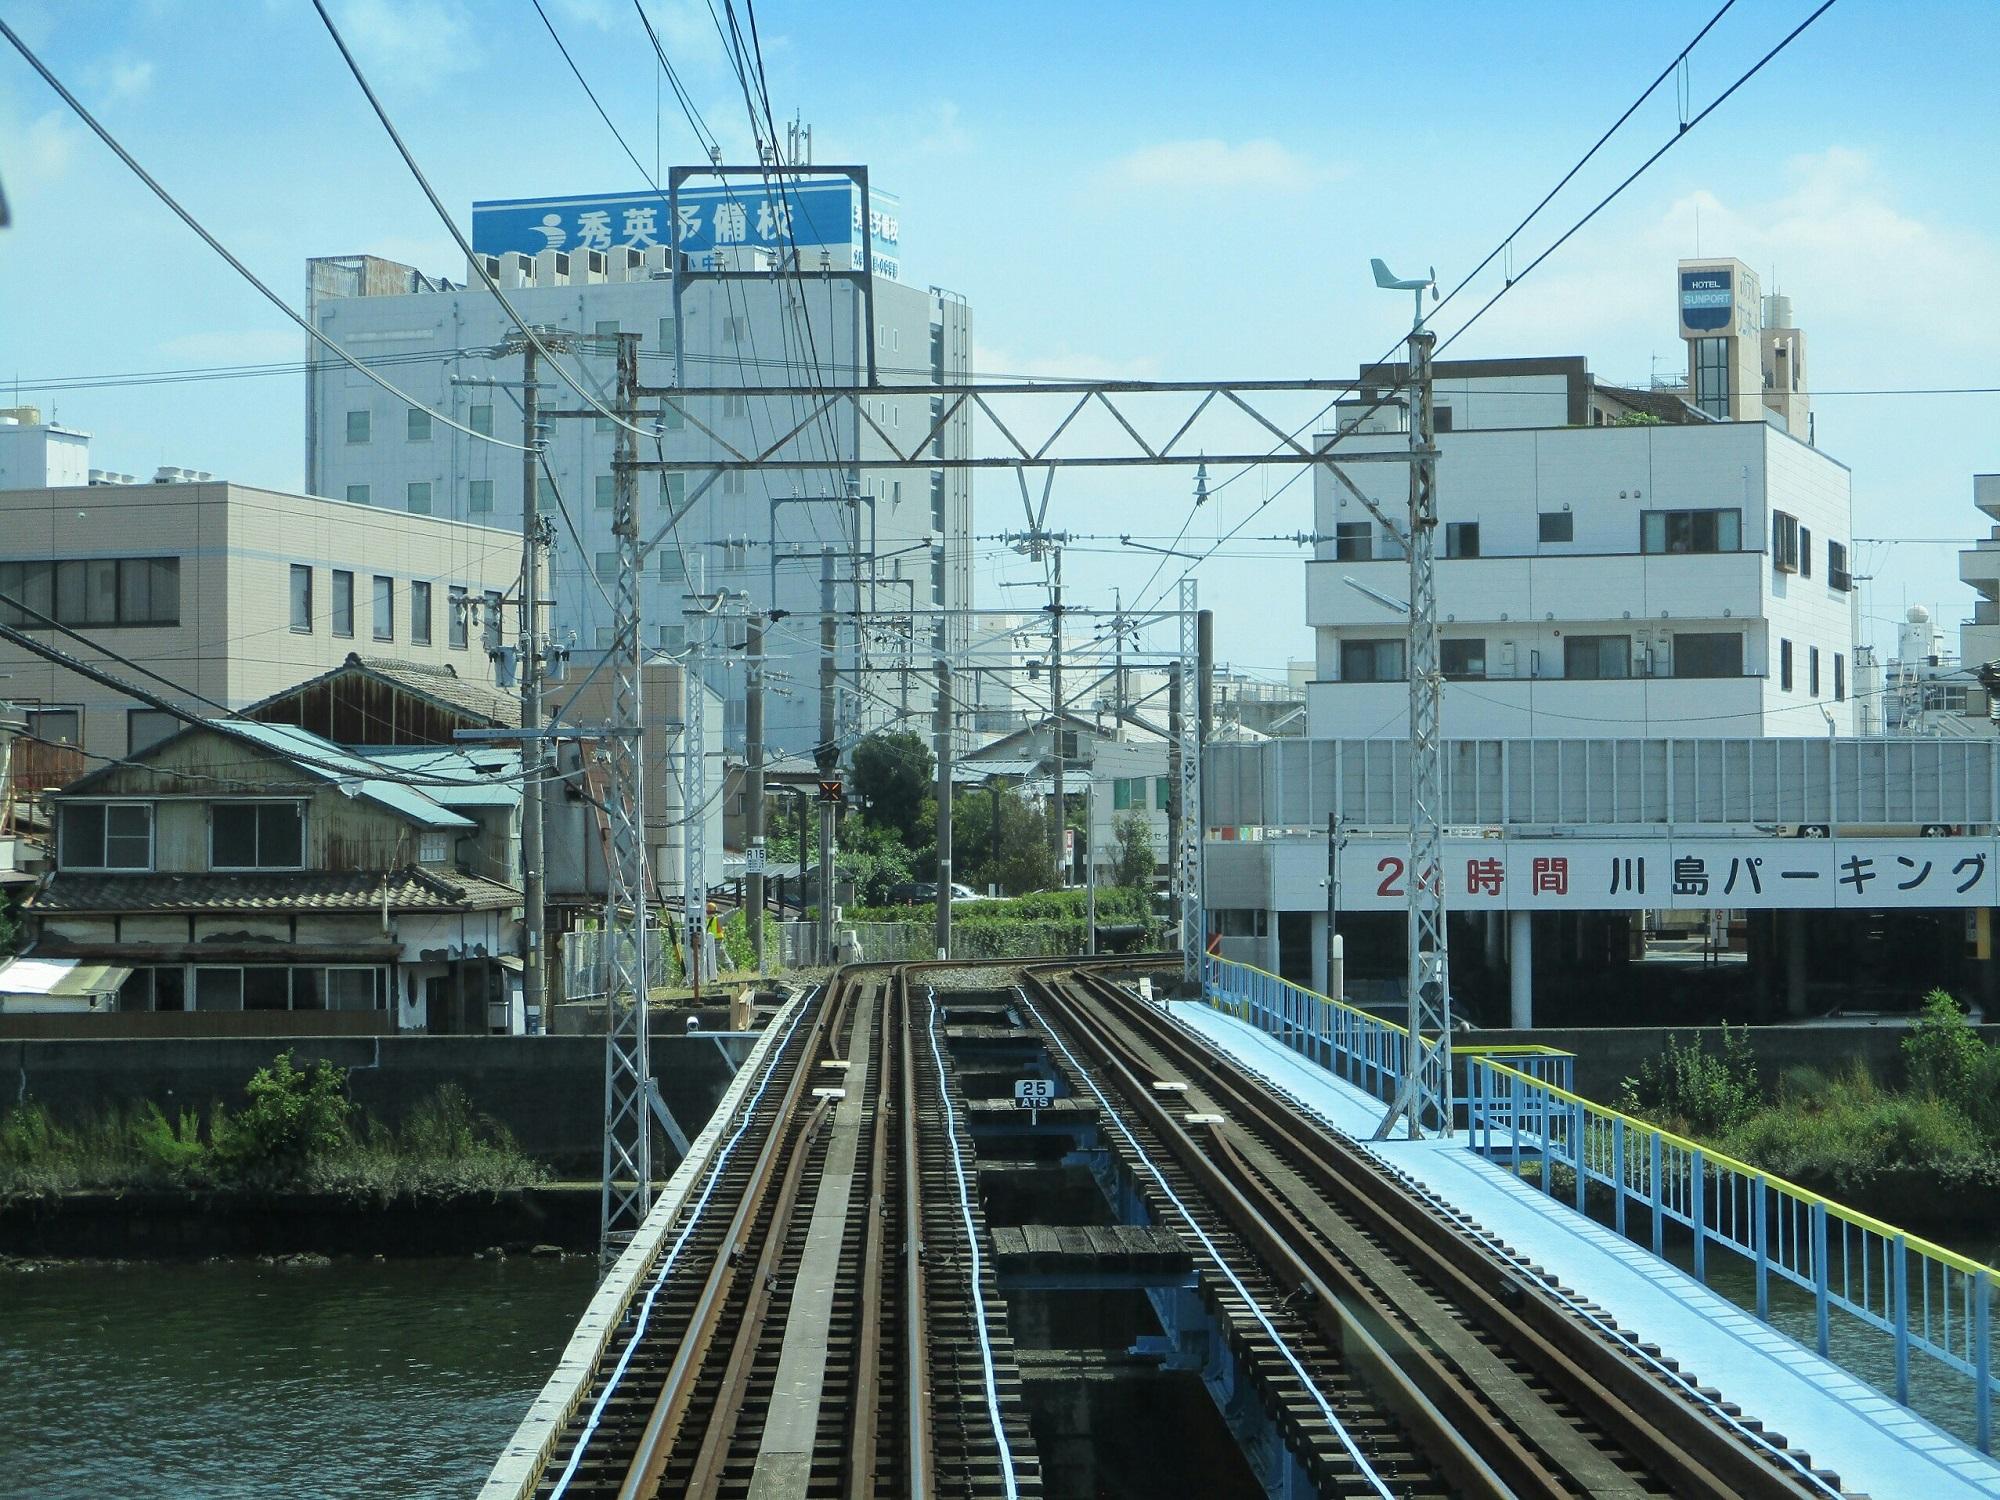 2018.8.10 (79) 新清水いきふつう - 入江岡-新清水間(巴川) 2000-1500